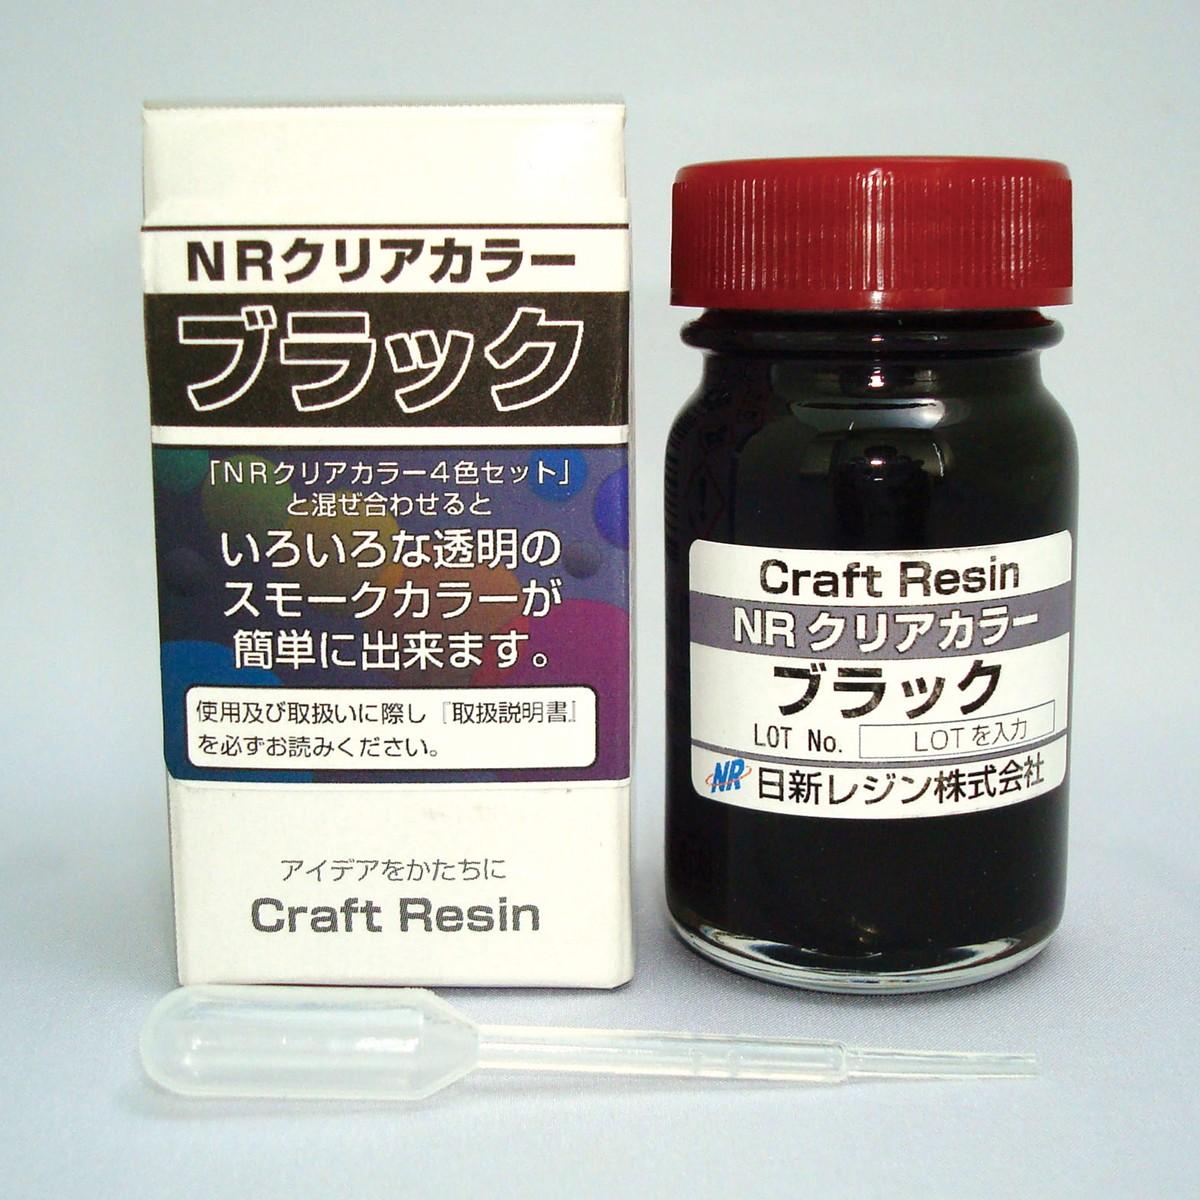 スーパーセール期間限定 混ぜるとスモークカラーに簡単に出来ます 日新レジン NRクリアカラー 倉庫 20g 樹脂 着色剤 ブラック